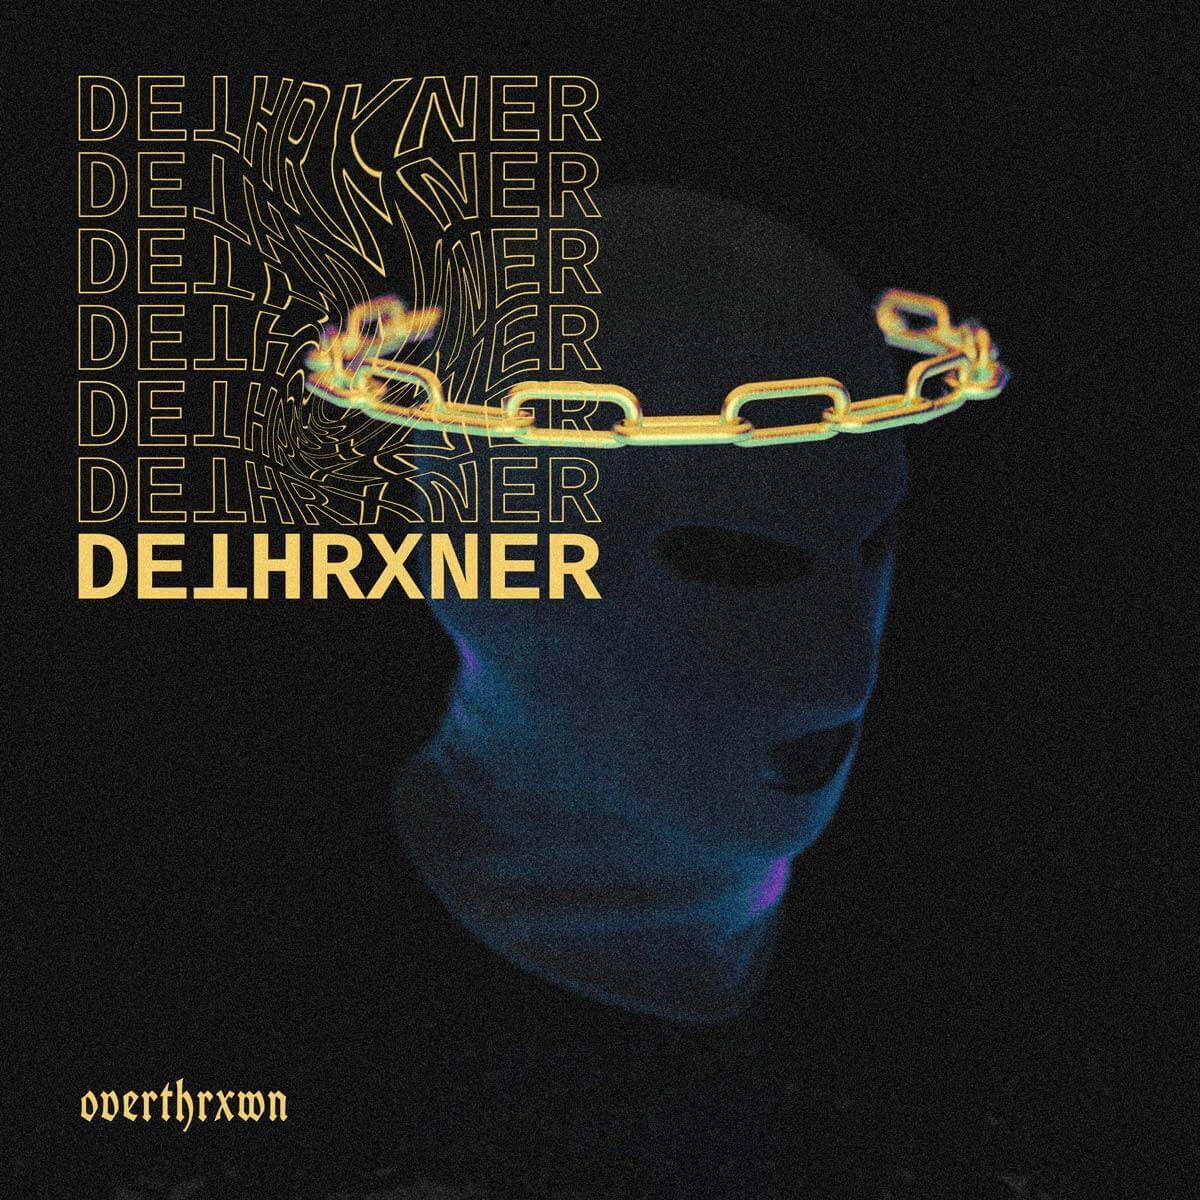 DETHRXNER – OVERTHRXWN